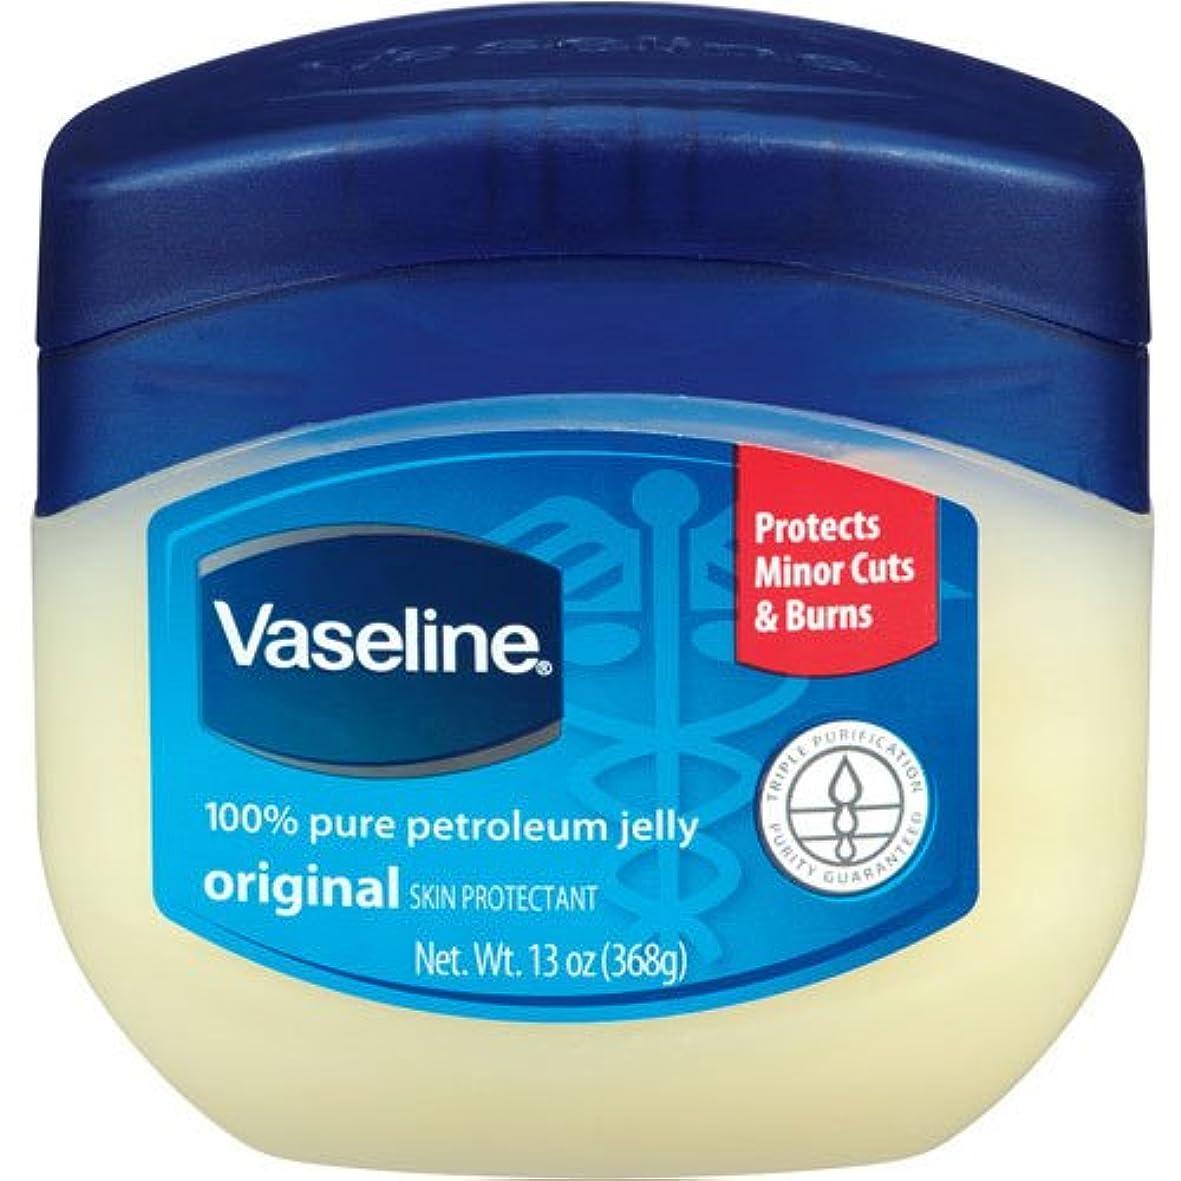 抑圧する形容詞ビクターヴァセリン [Vaseline]ペトロリュームジェリージャータイプ[保湿クリーム]368g[並行輸入品]